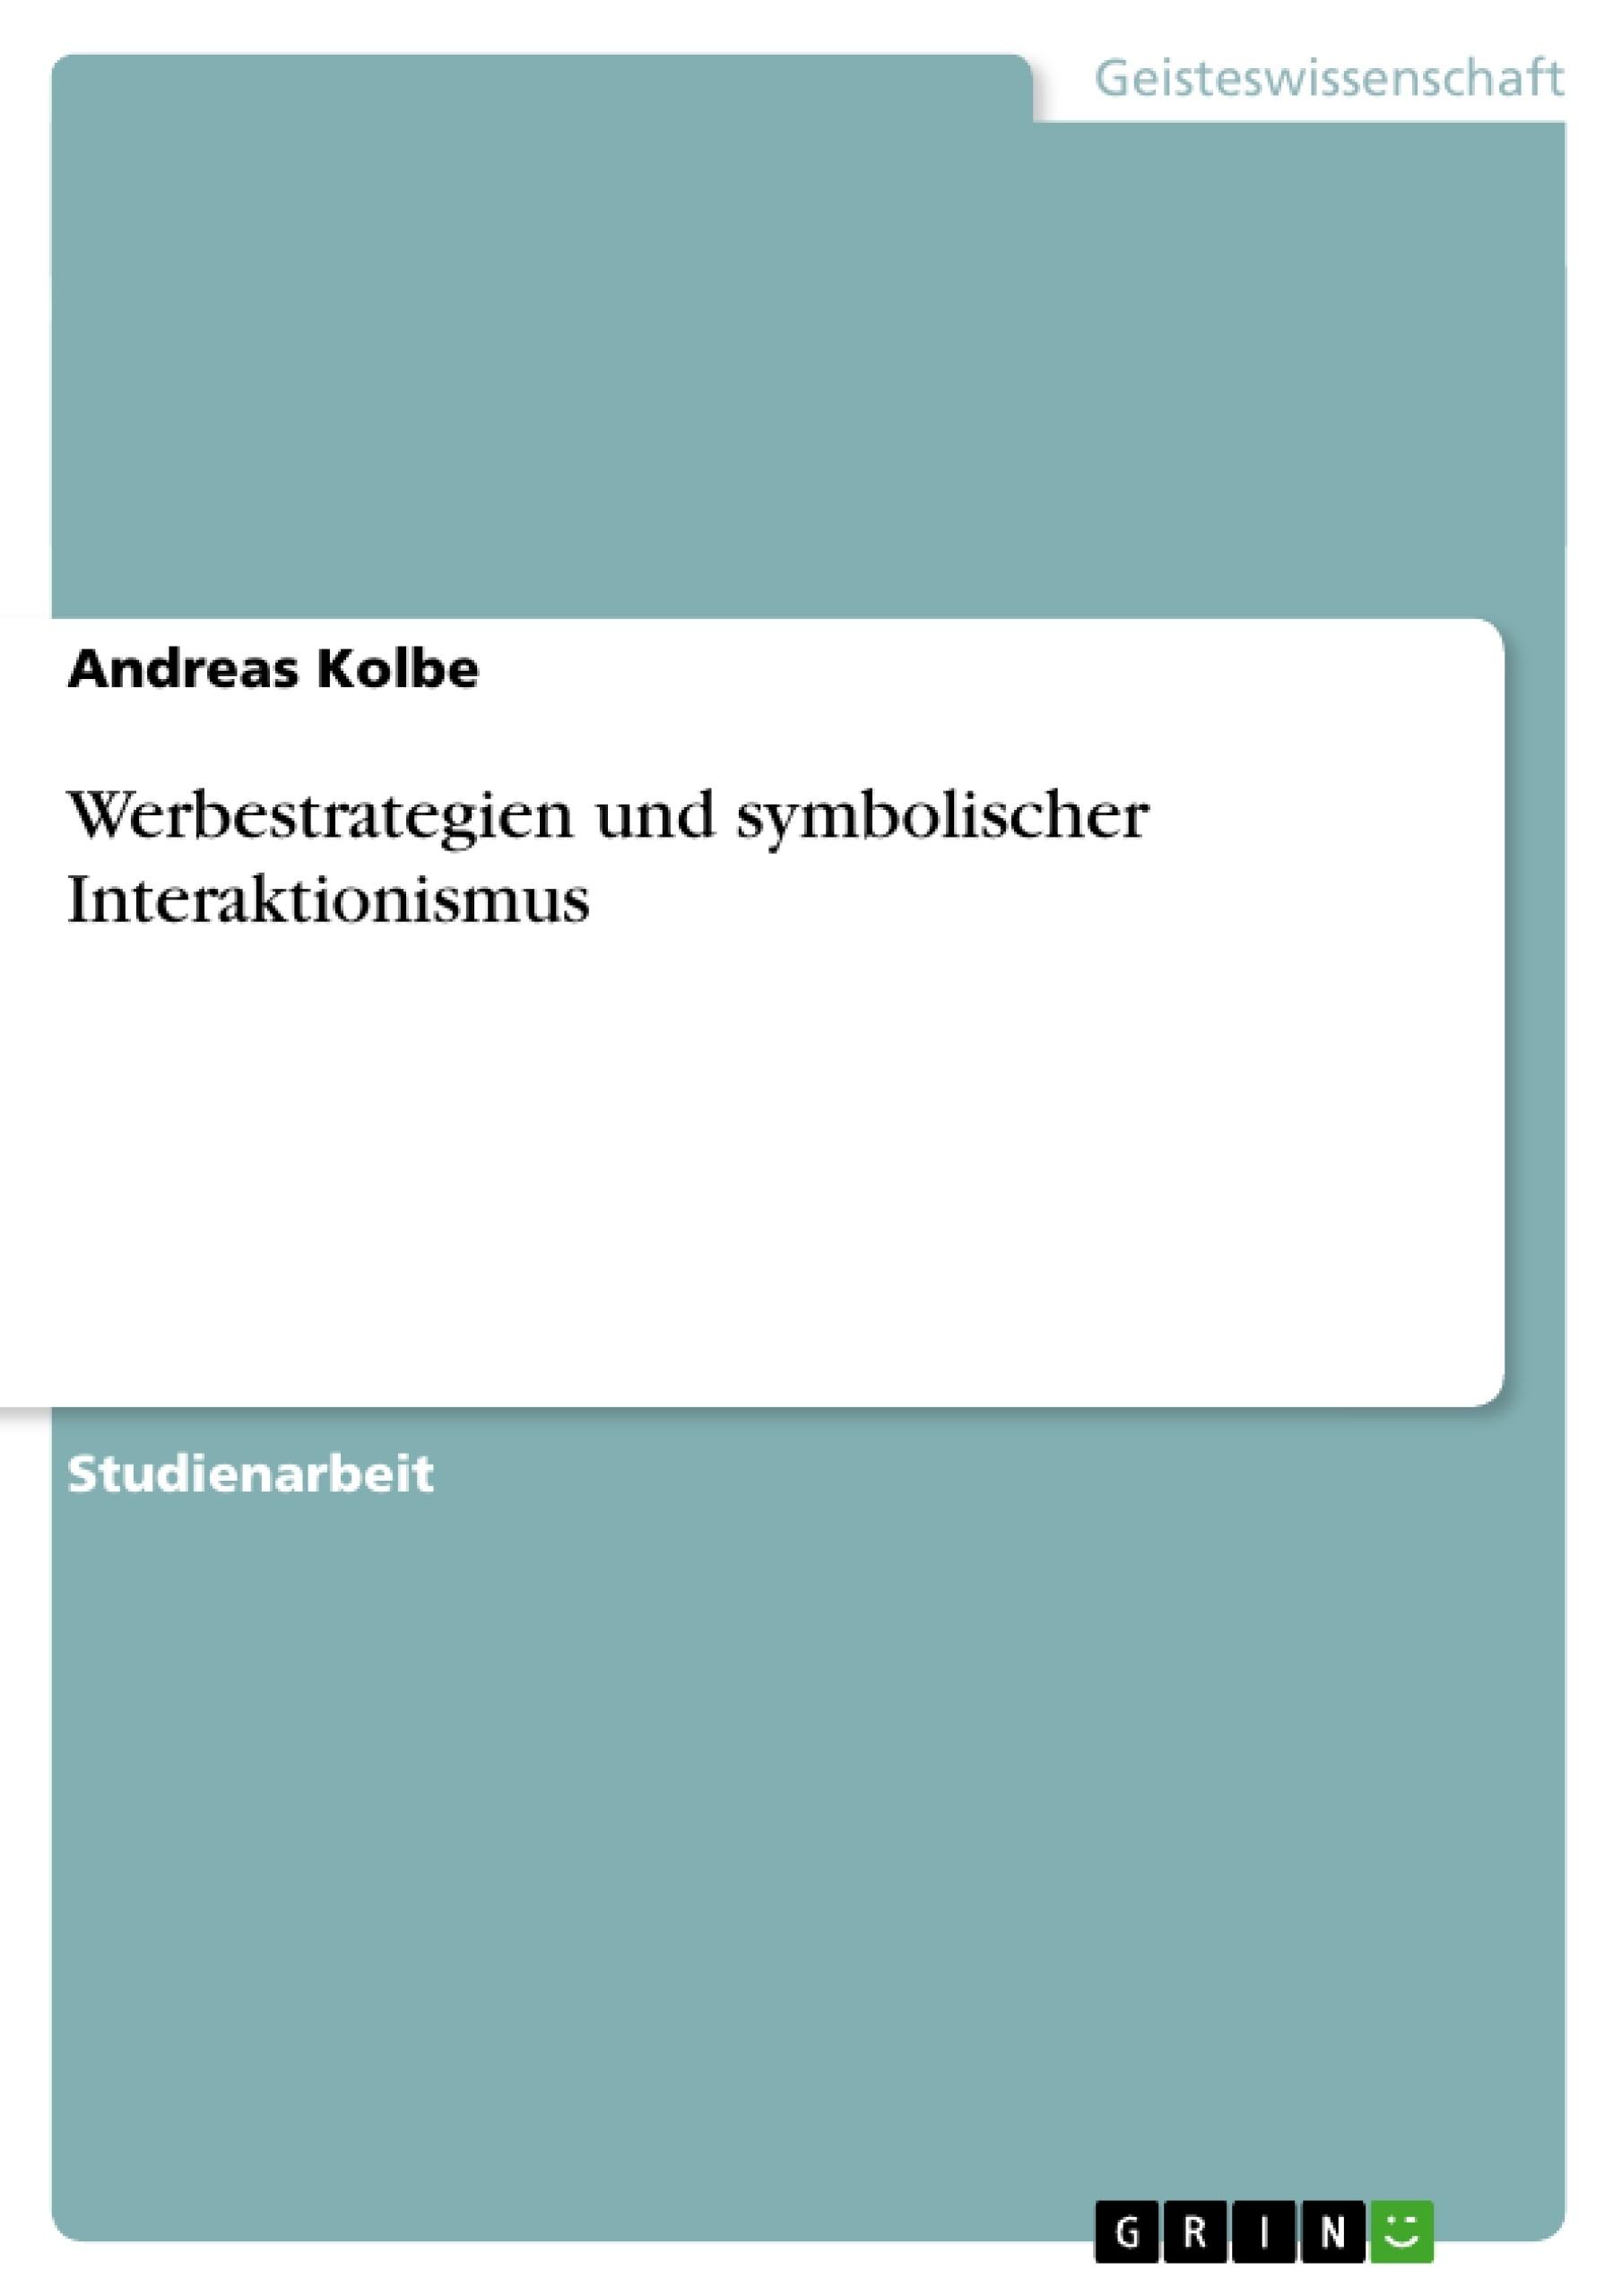 Titel: Werbestrategien und symbolischer Interaktionismus